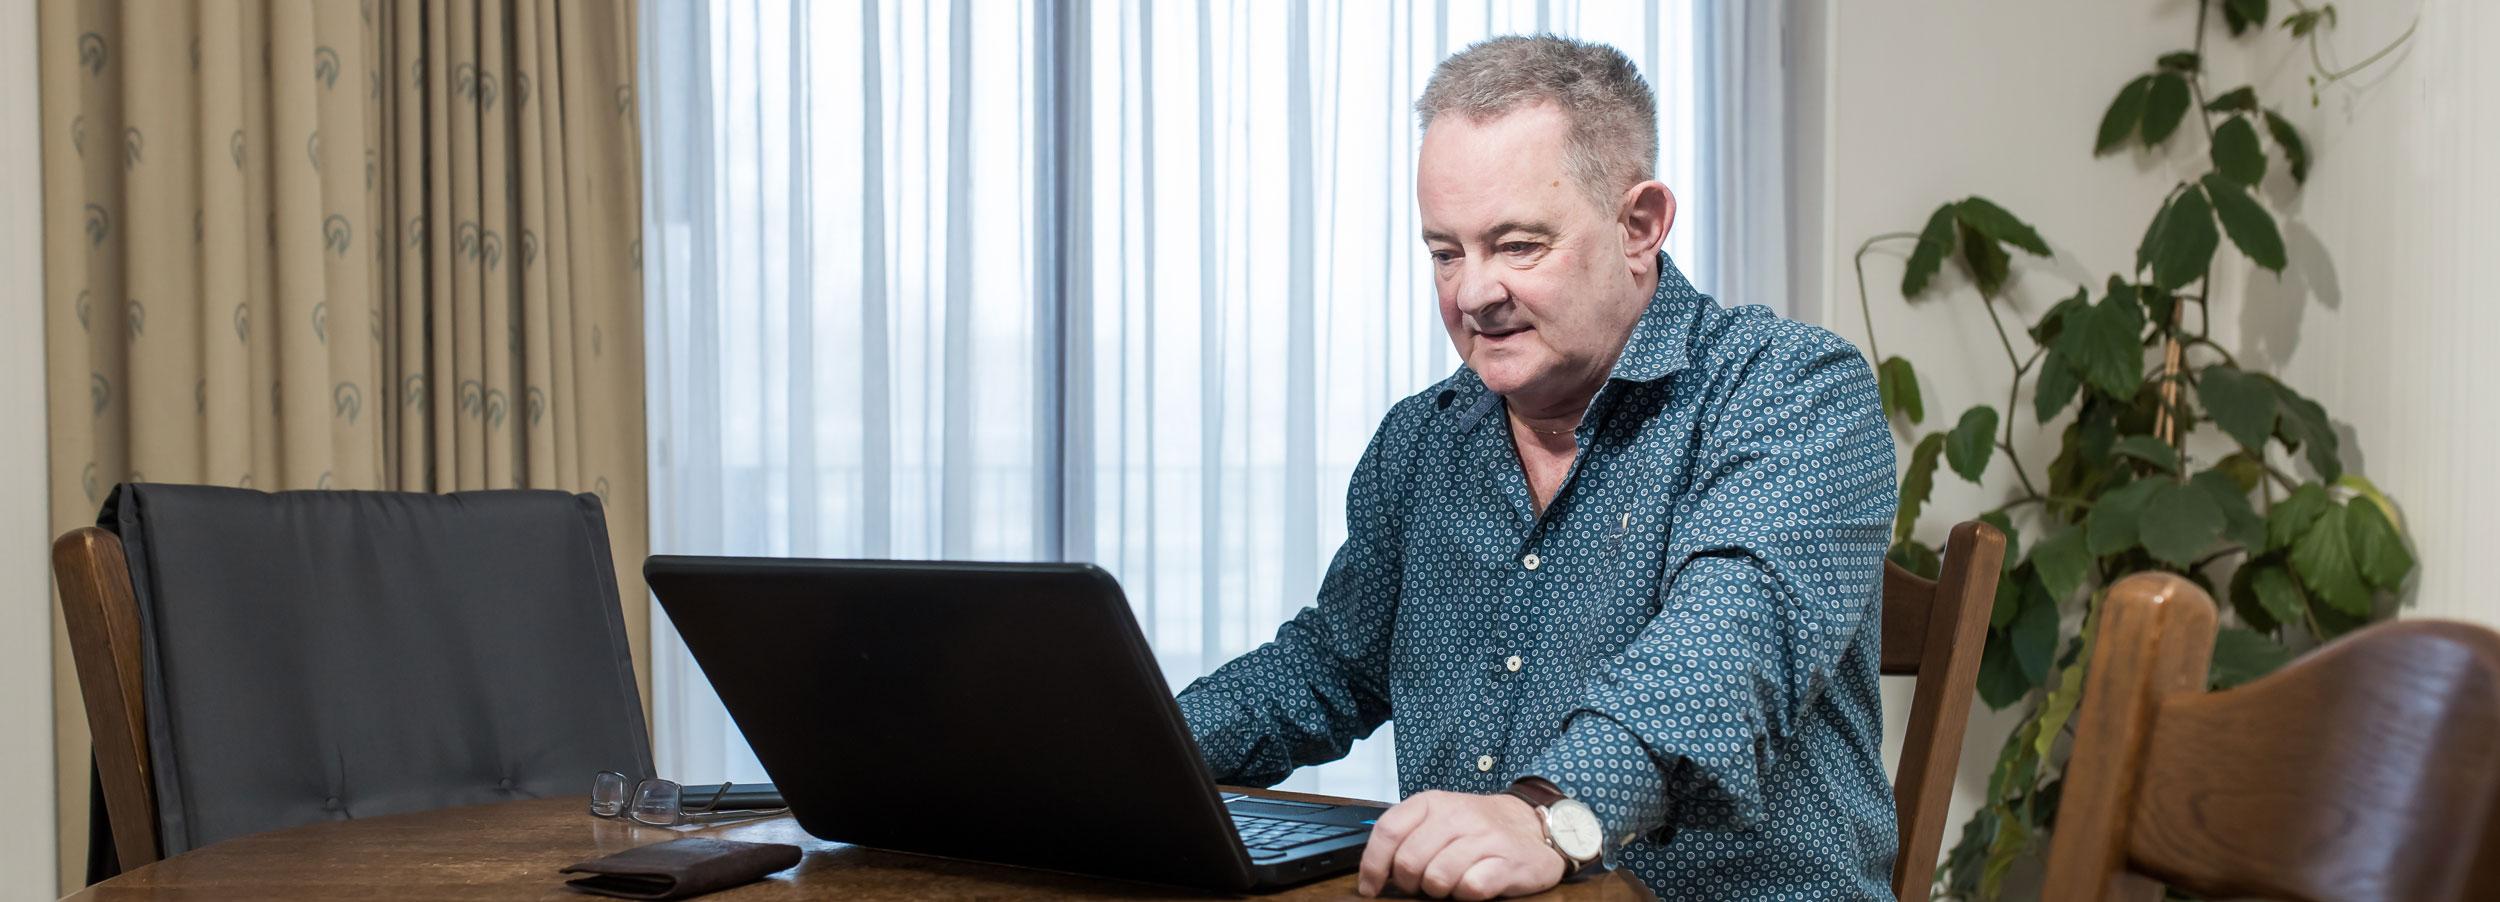 man achter een laptop